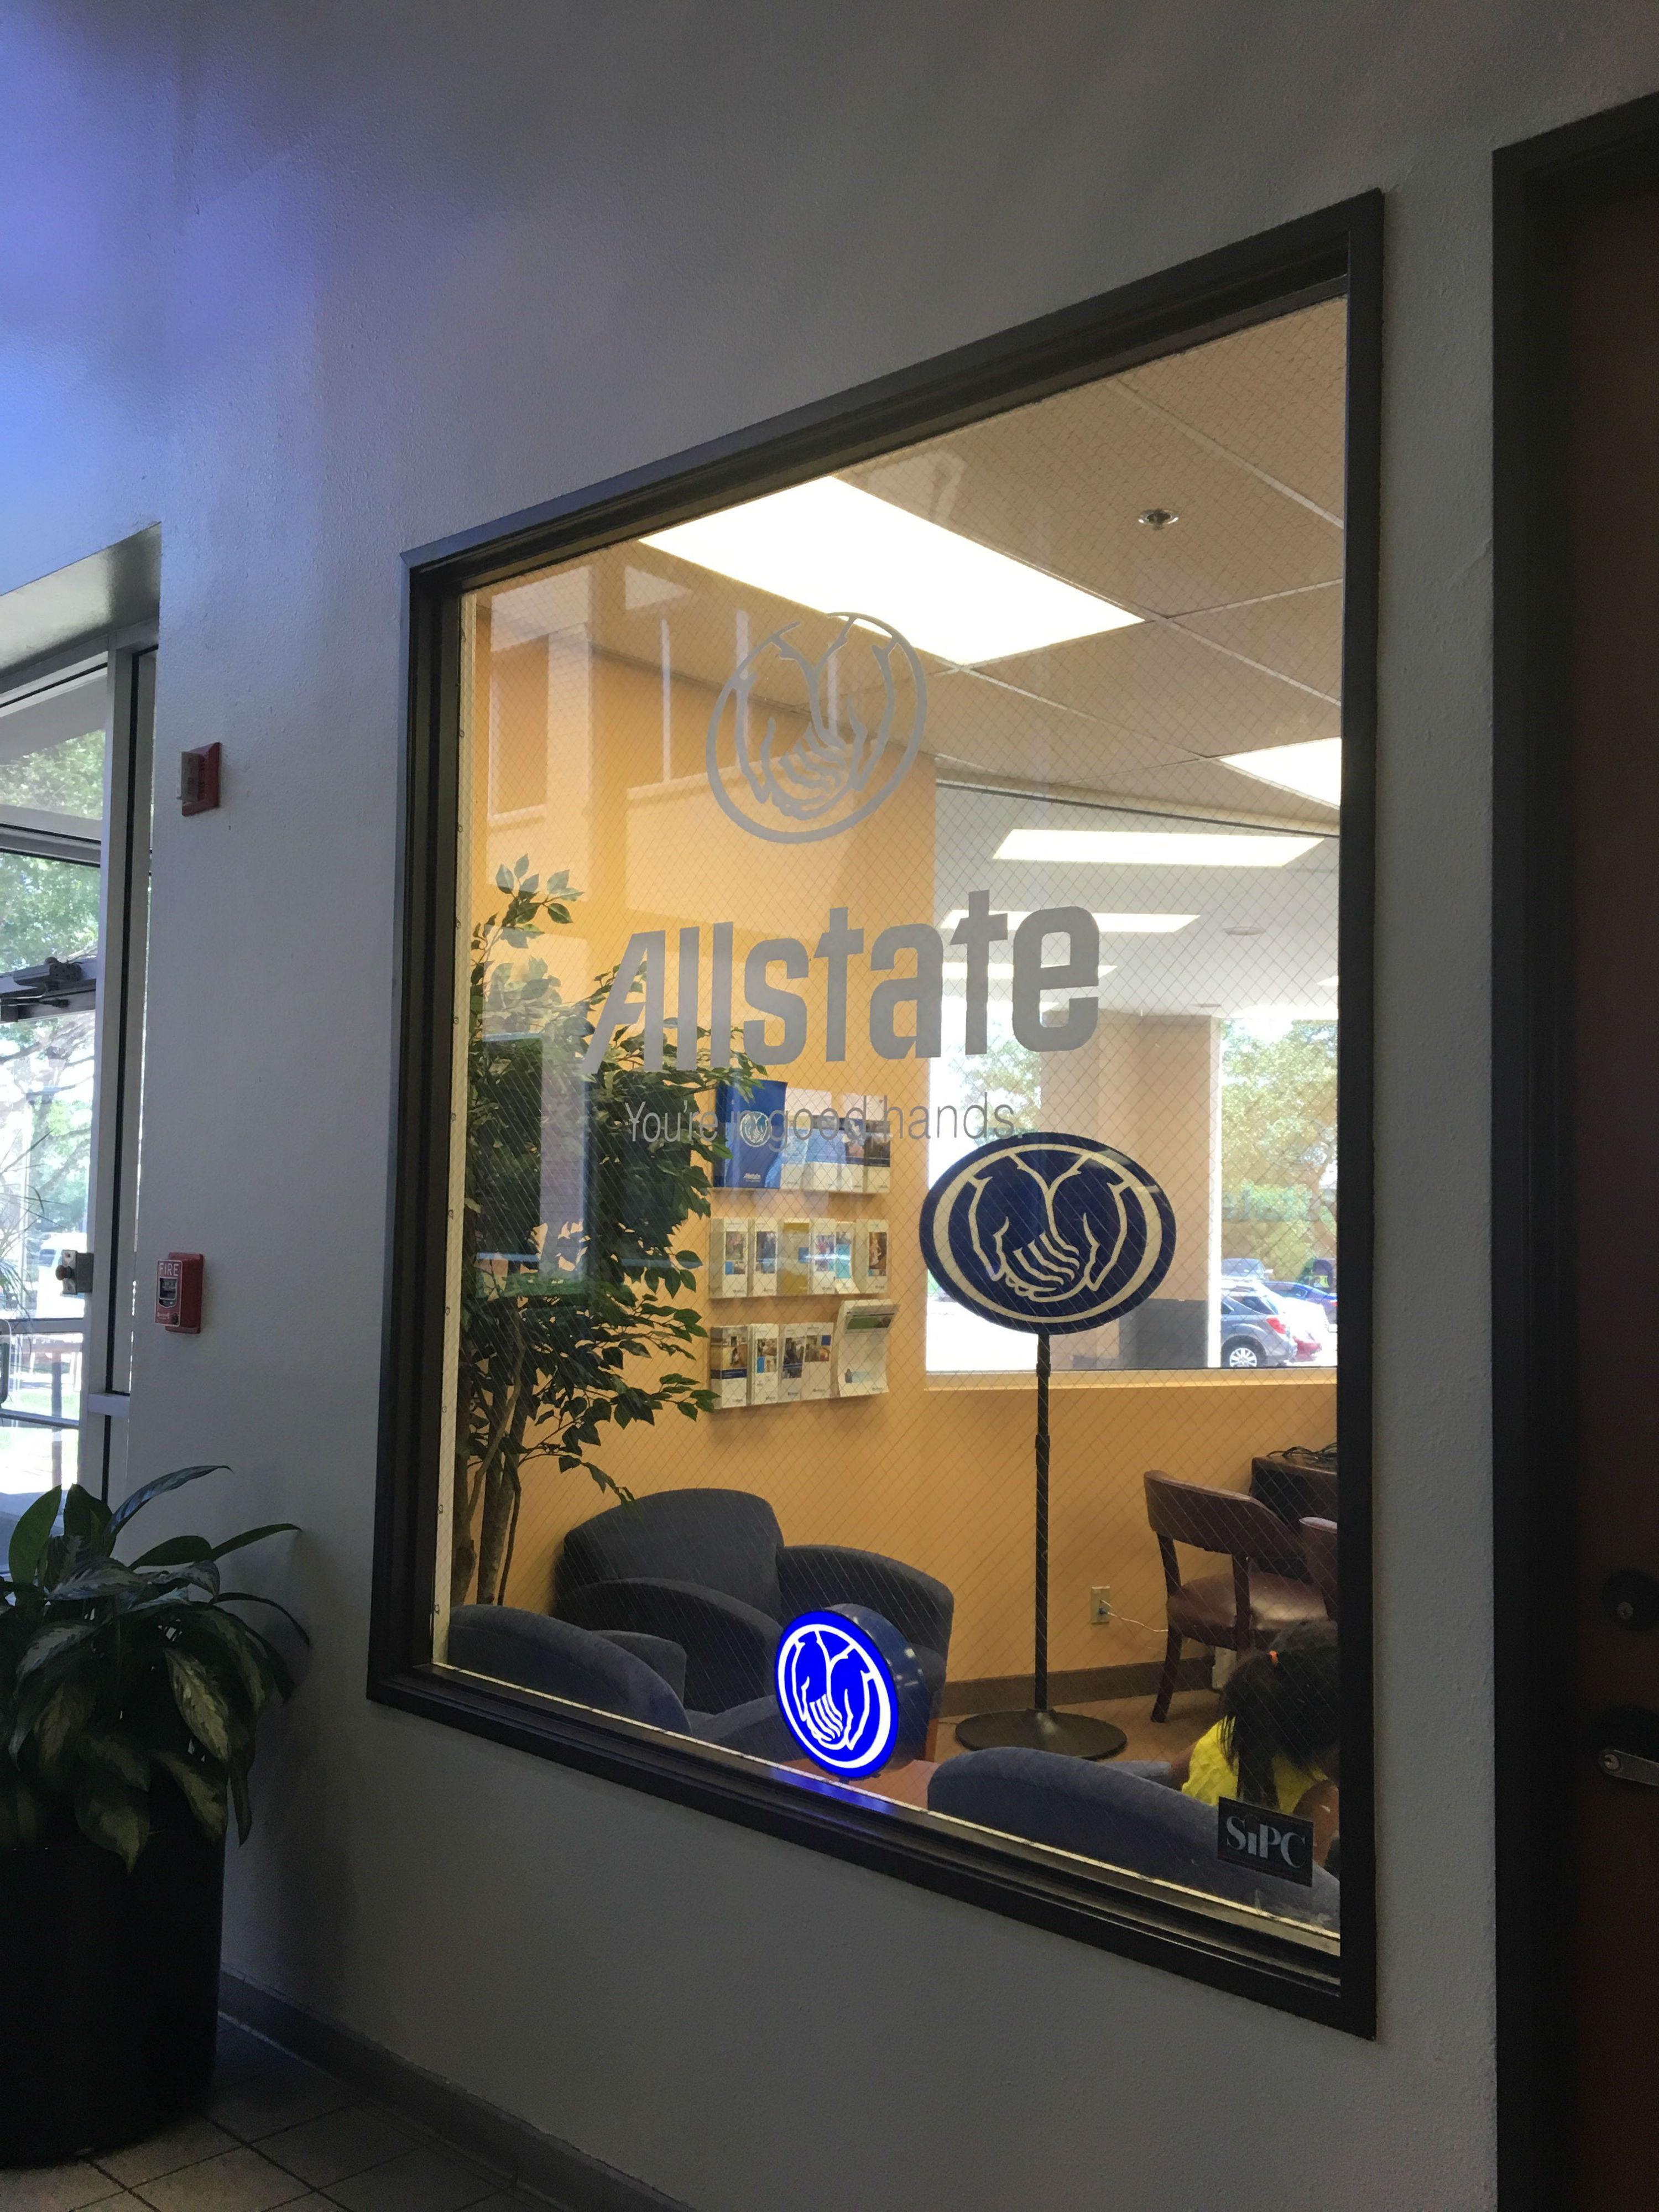 Julia Serebro: Allstate Insurance image 3